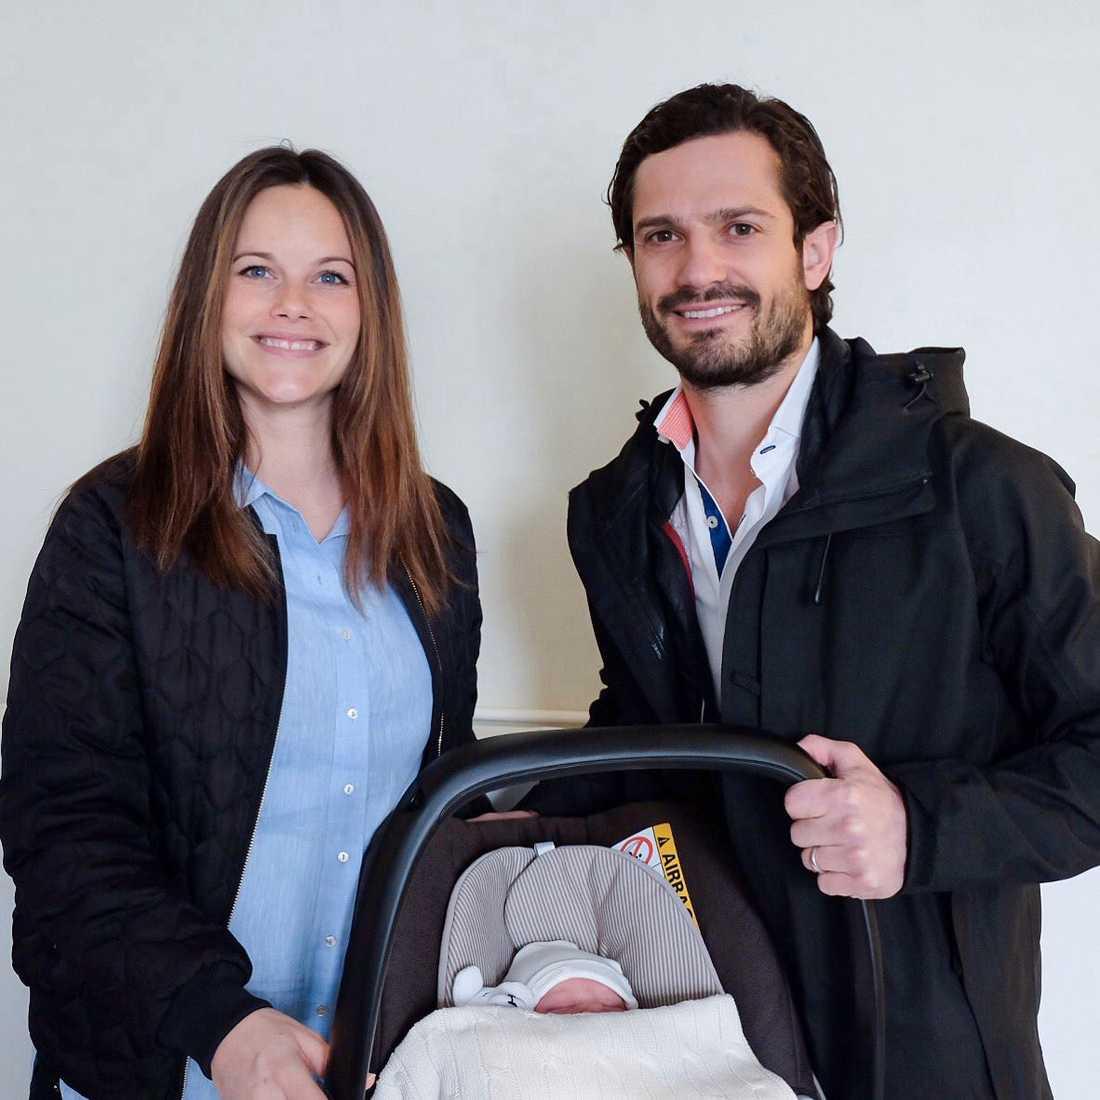 Prinsessan Sofia och prins Carl Philip lämnar Danderyds sjukhus med prins Alexander april 2016.